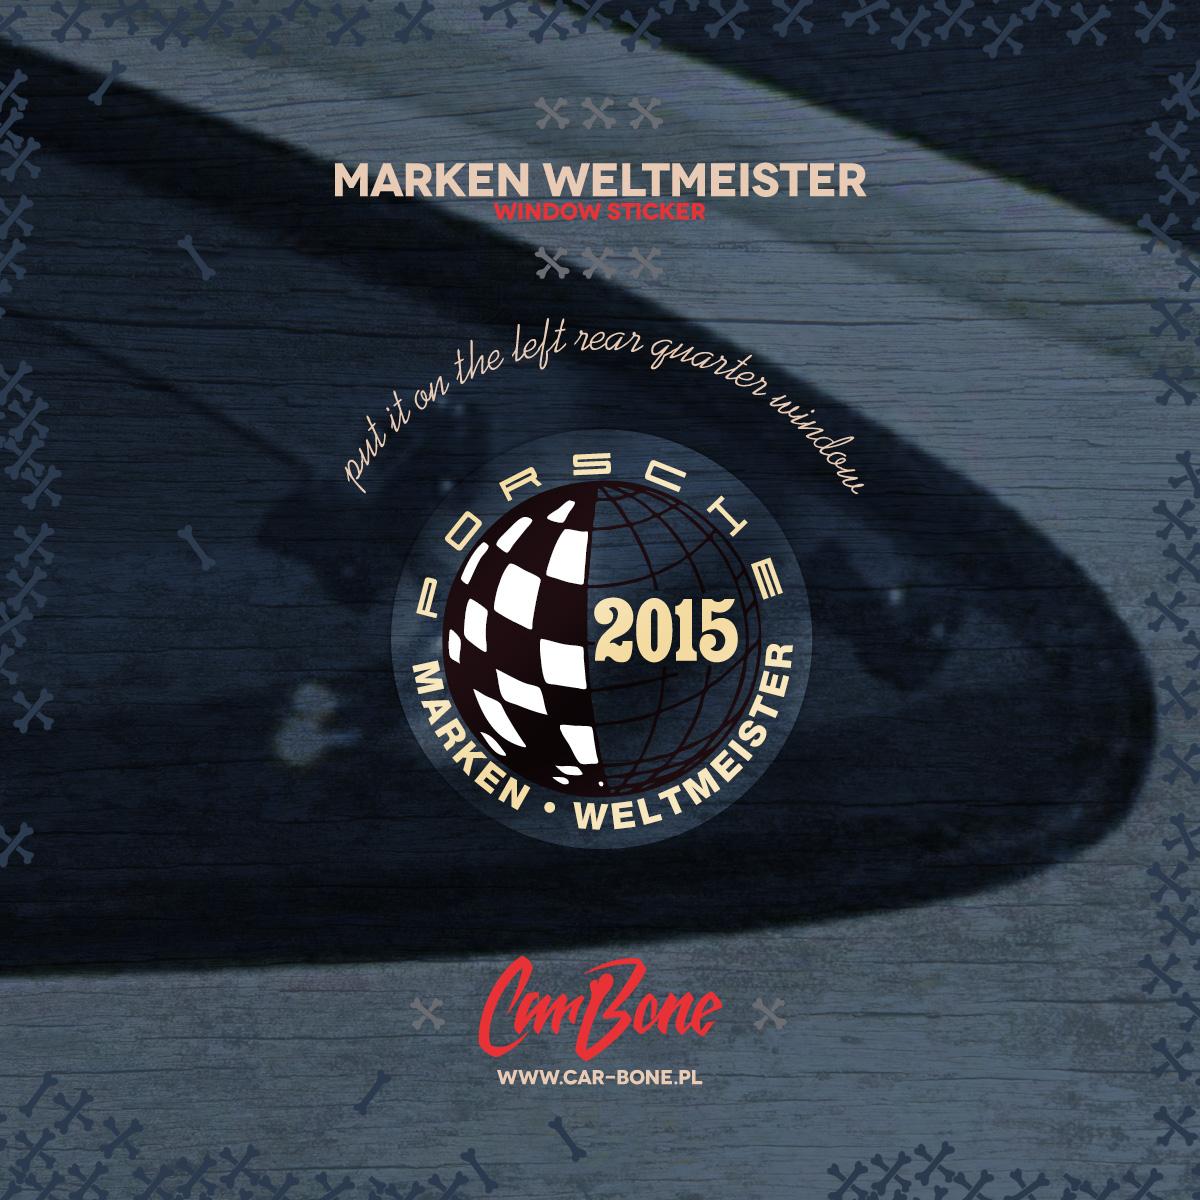 carbone_porsche_weltmeister_window_sticker_2015